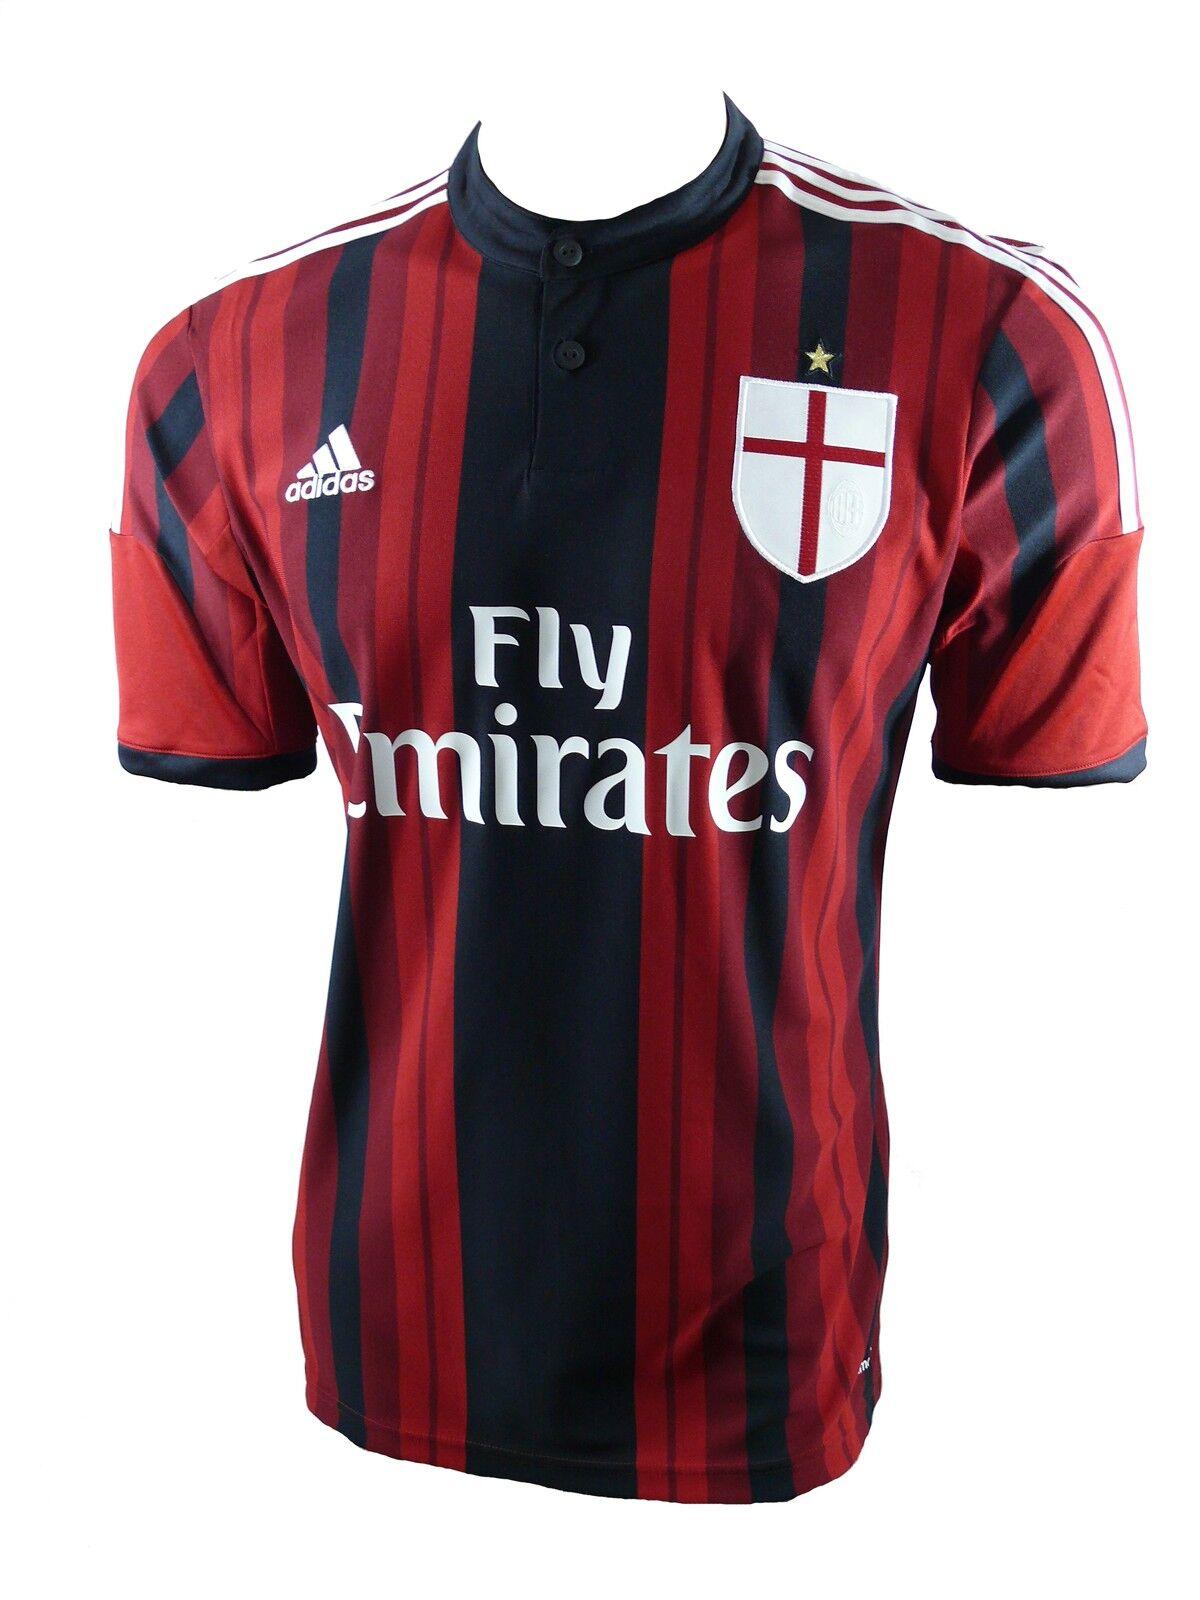 Adidas Ac Milan Milan Jersey Jersey SIZE M